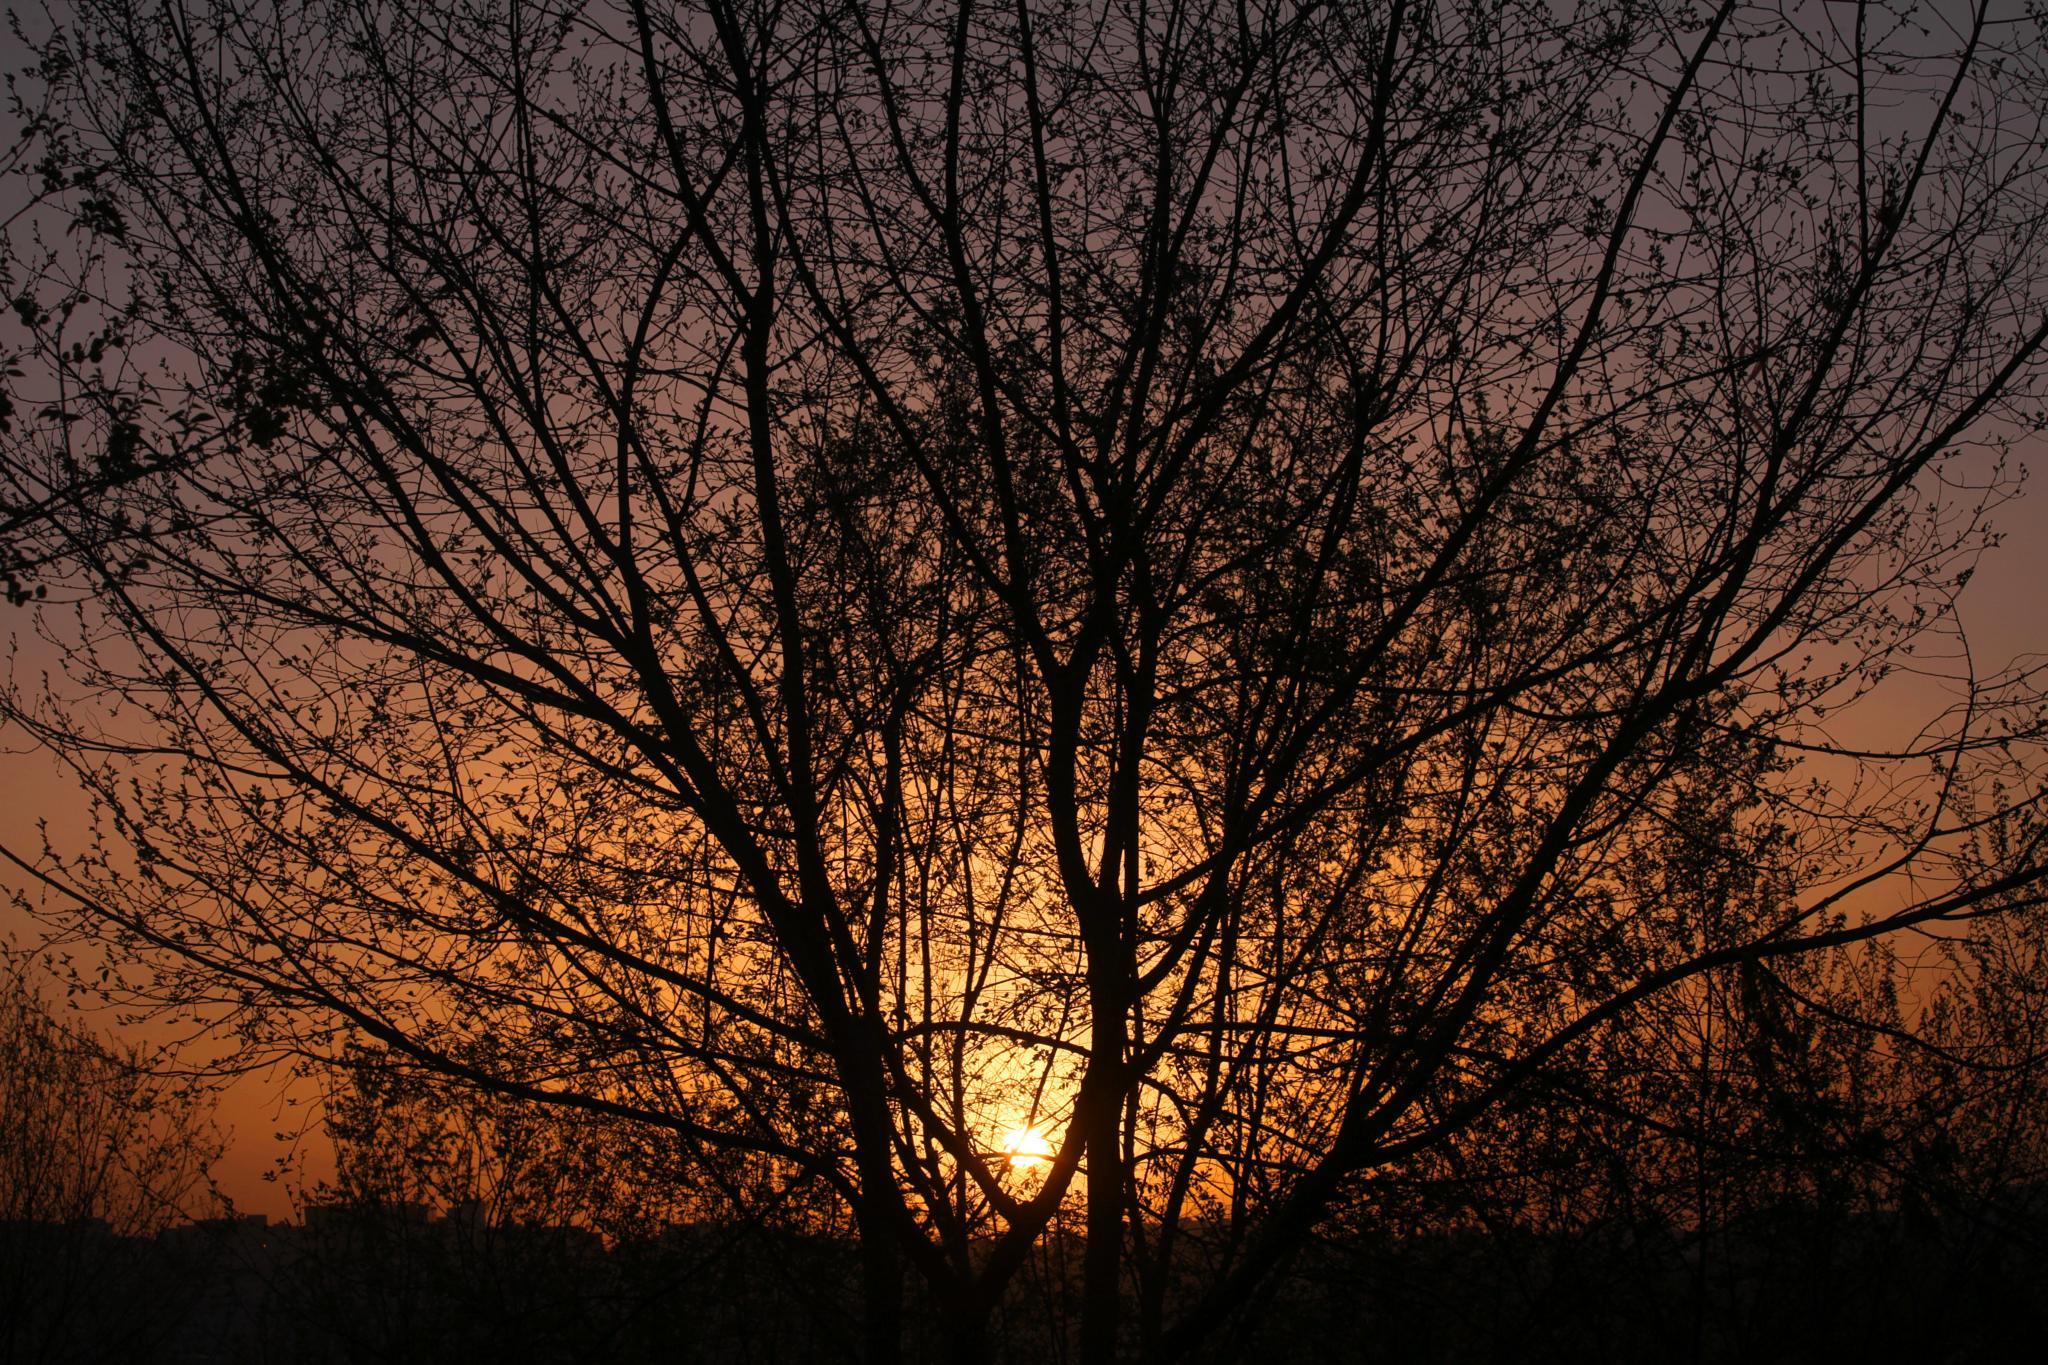 Sunrise in Jordan by basel.badran